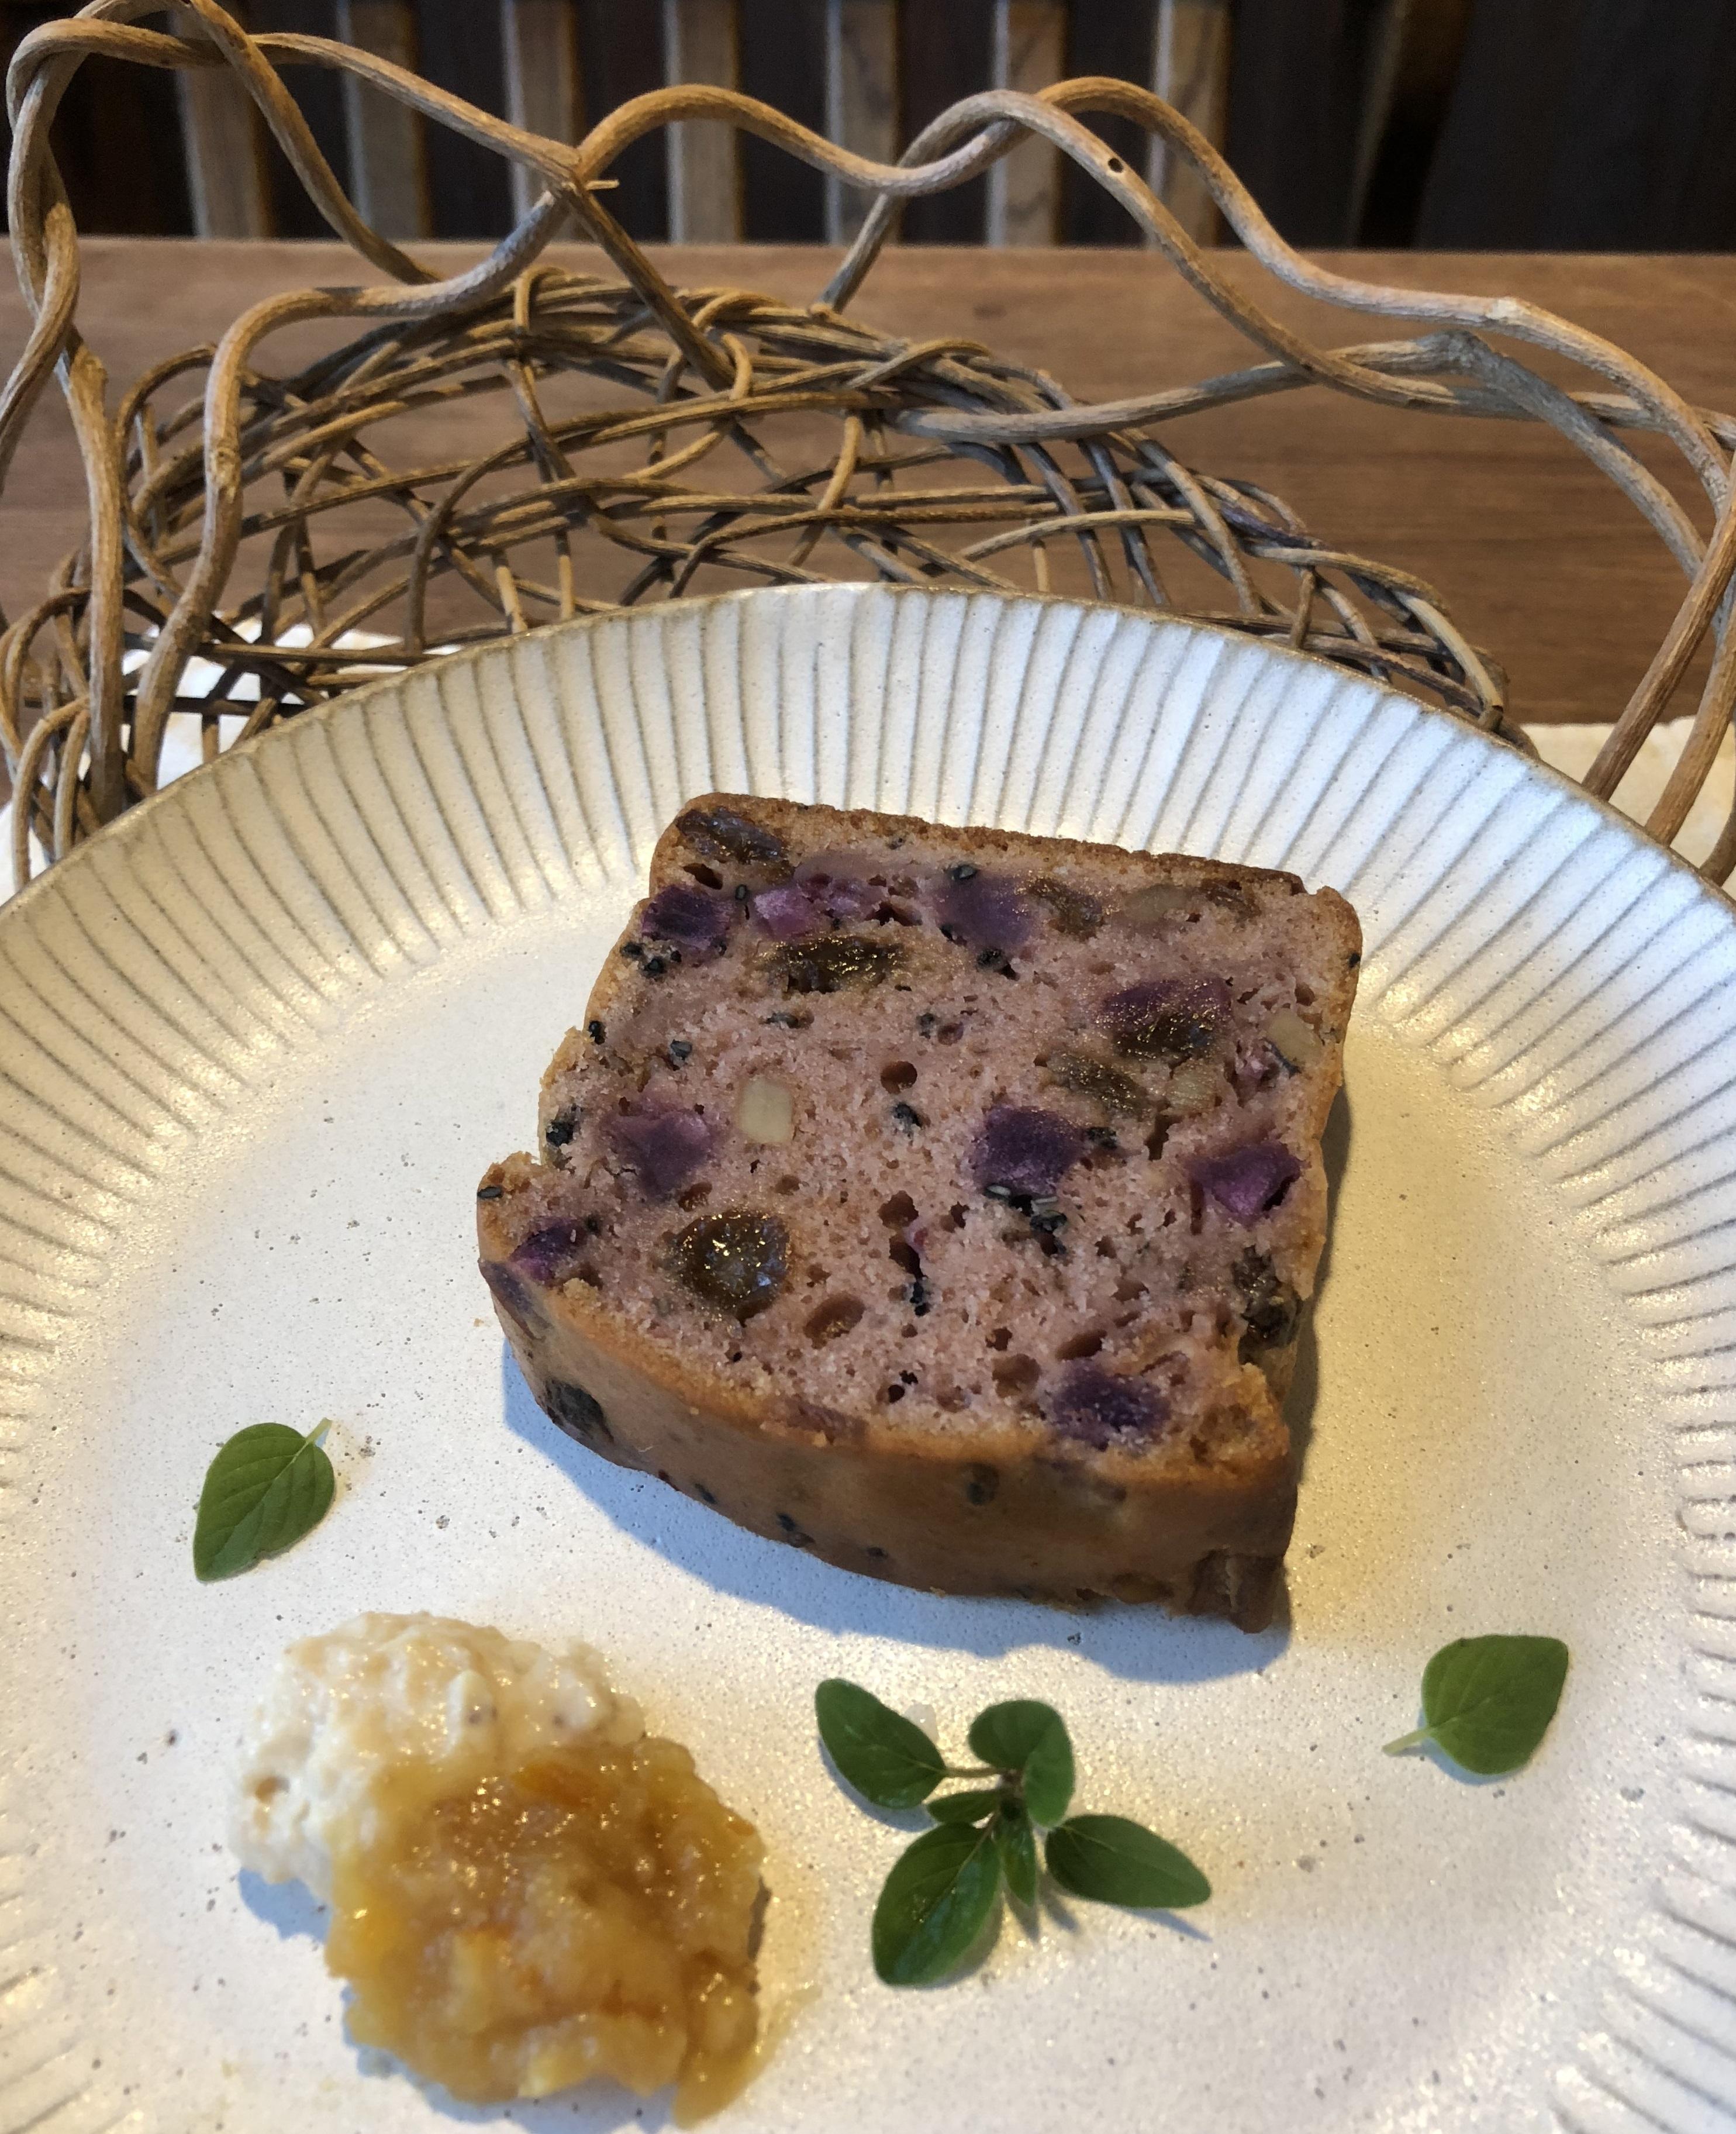 伊藤農園の紫芋でパウンドケーキを作りました:画像